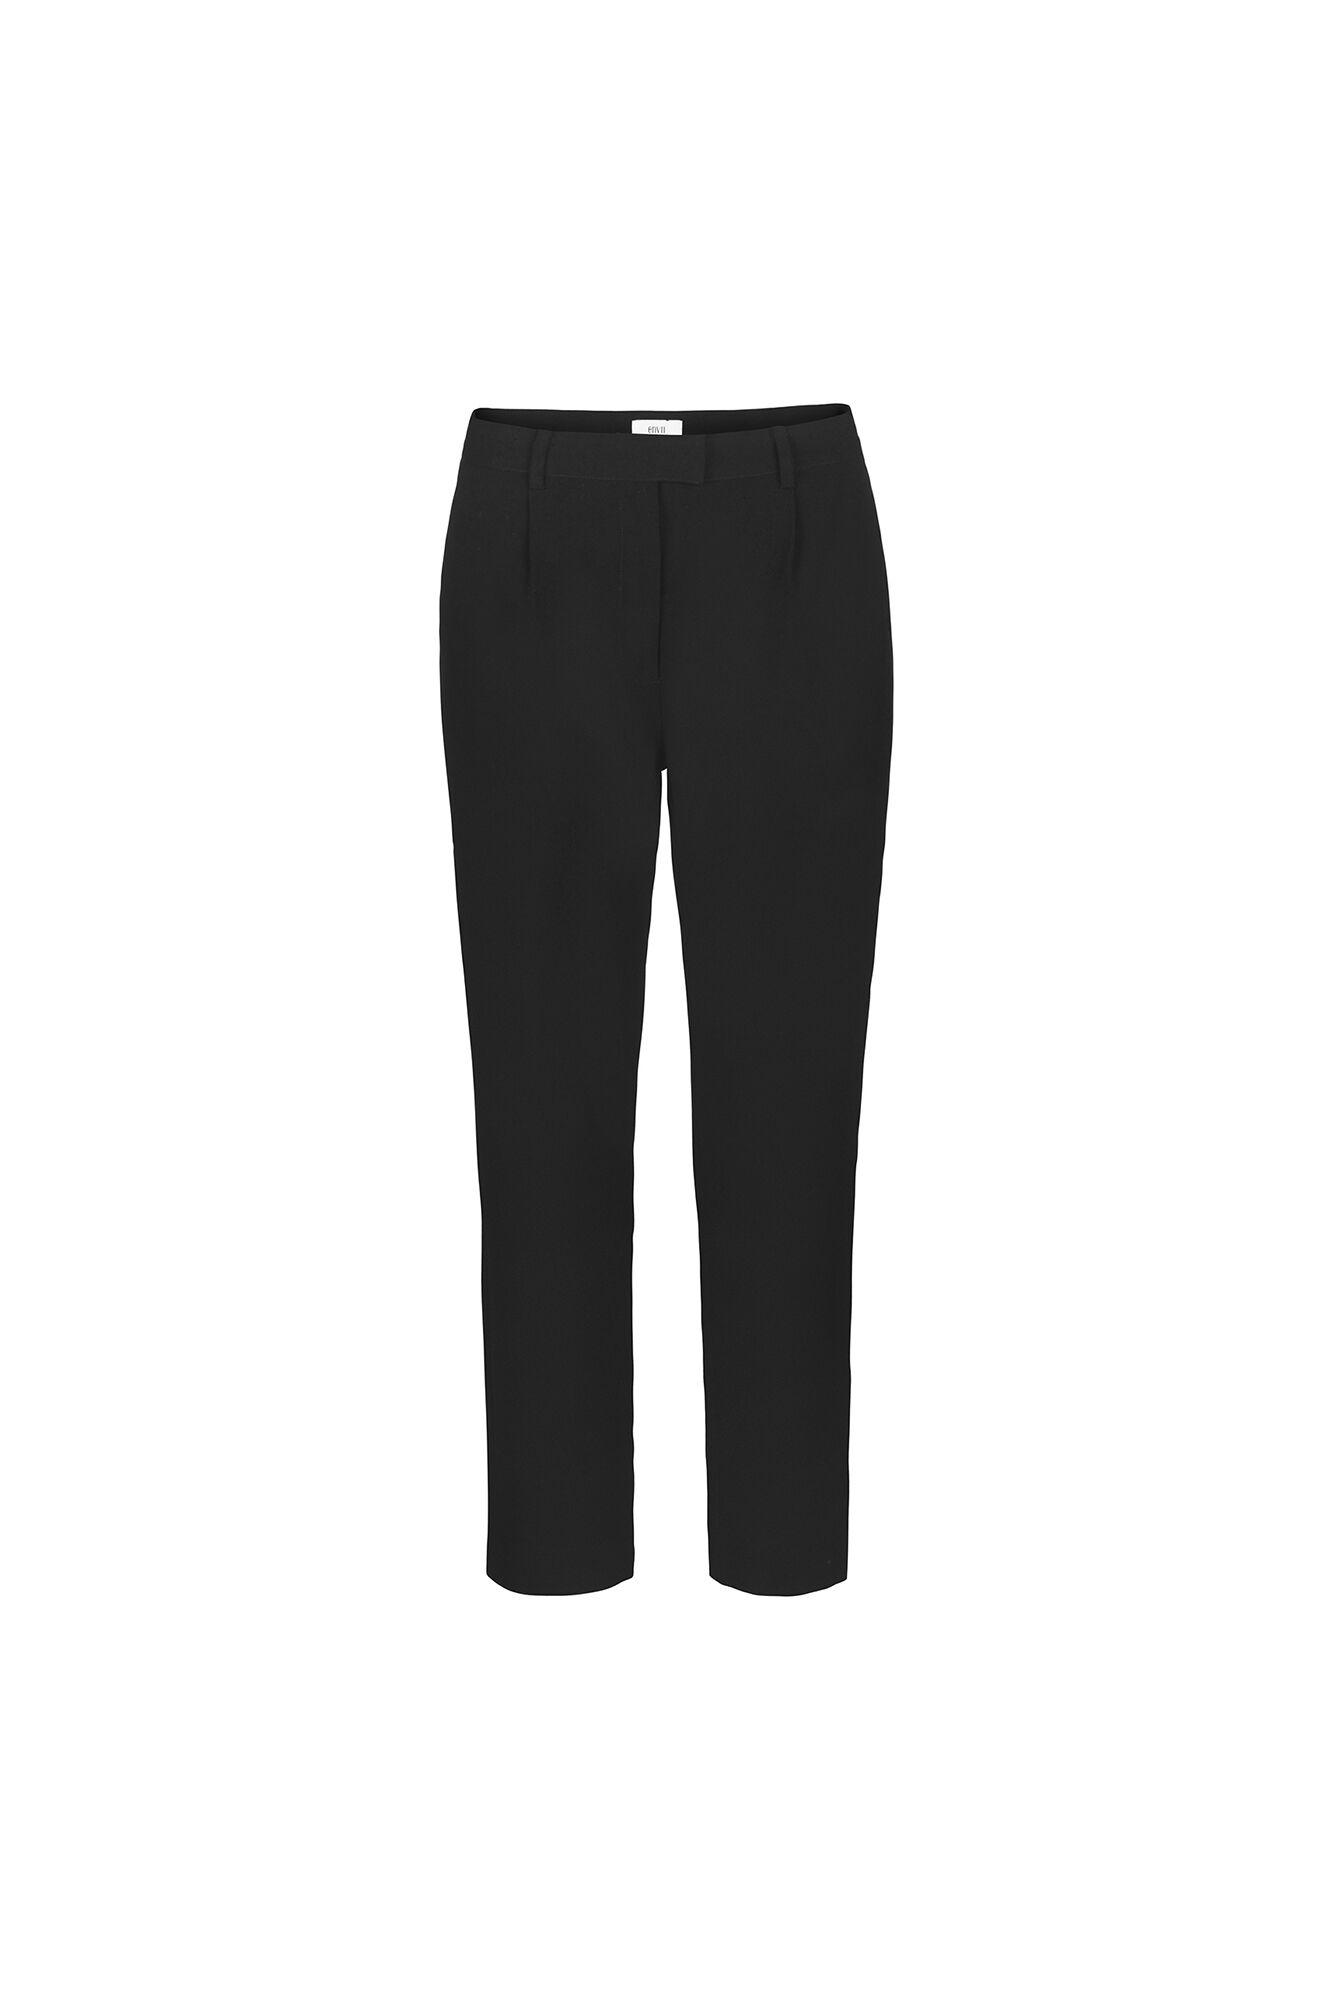 ENVALENCIA PANTS N 6390, BLACK